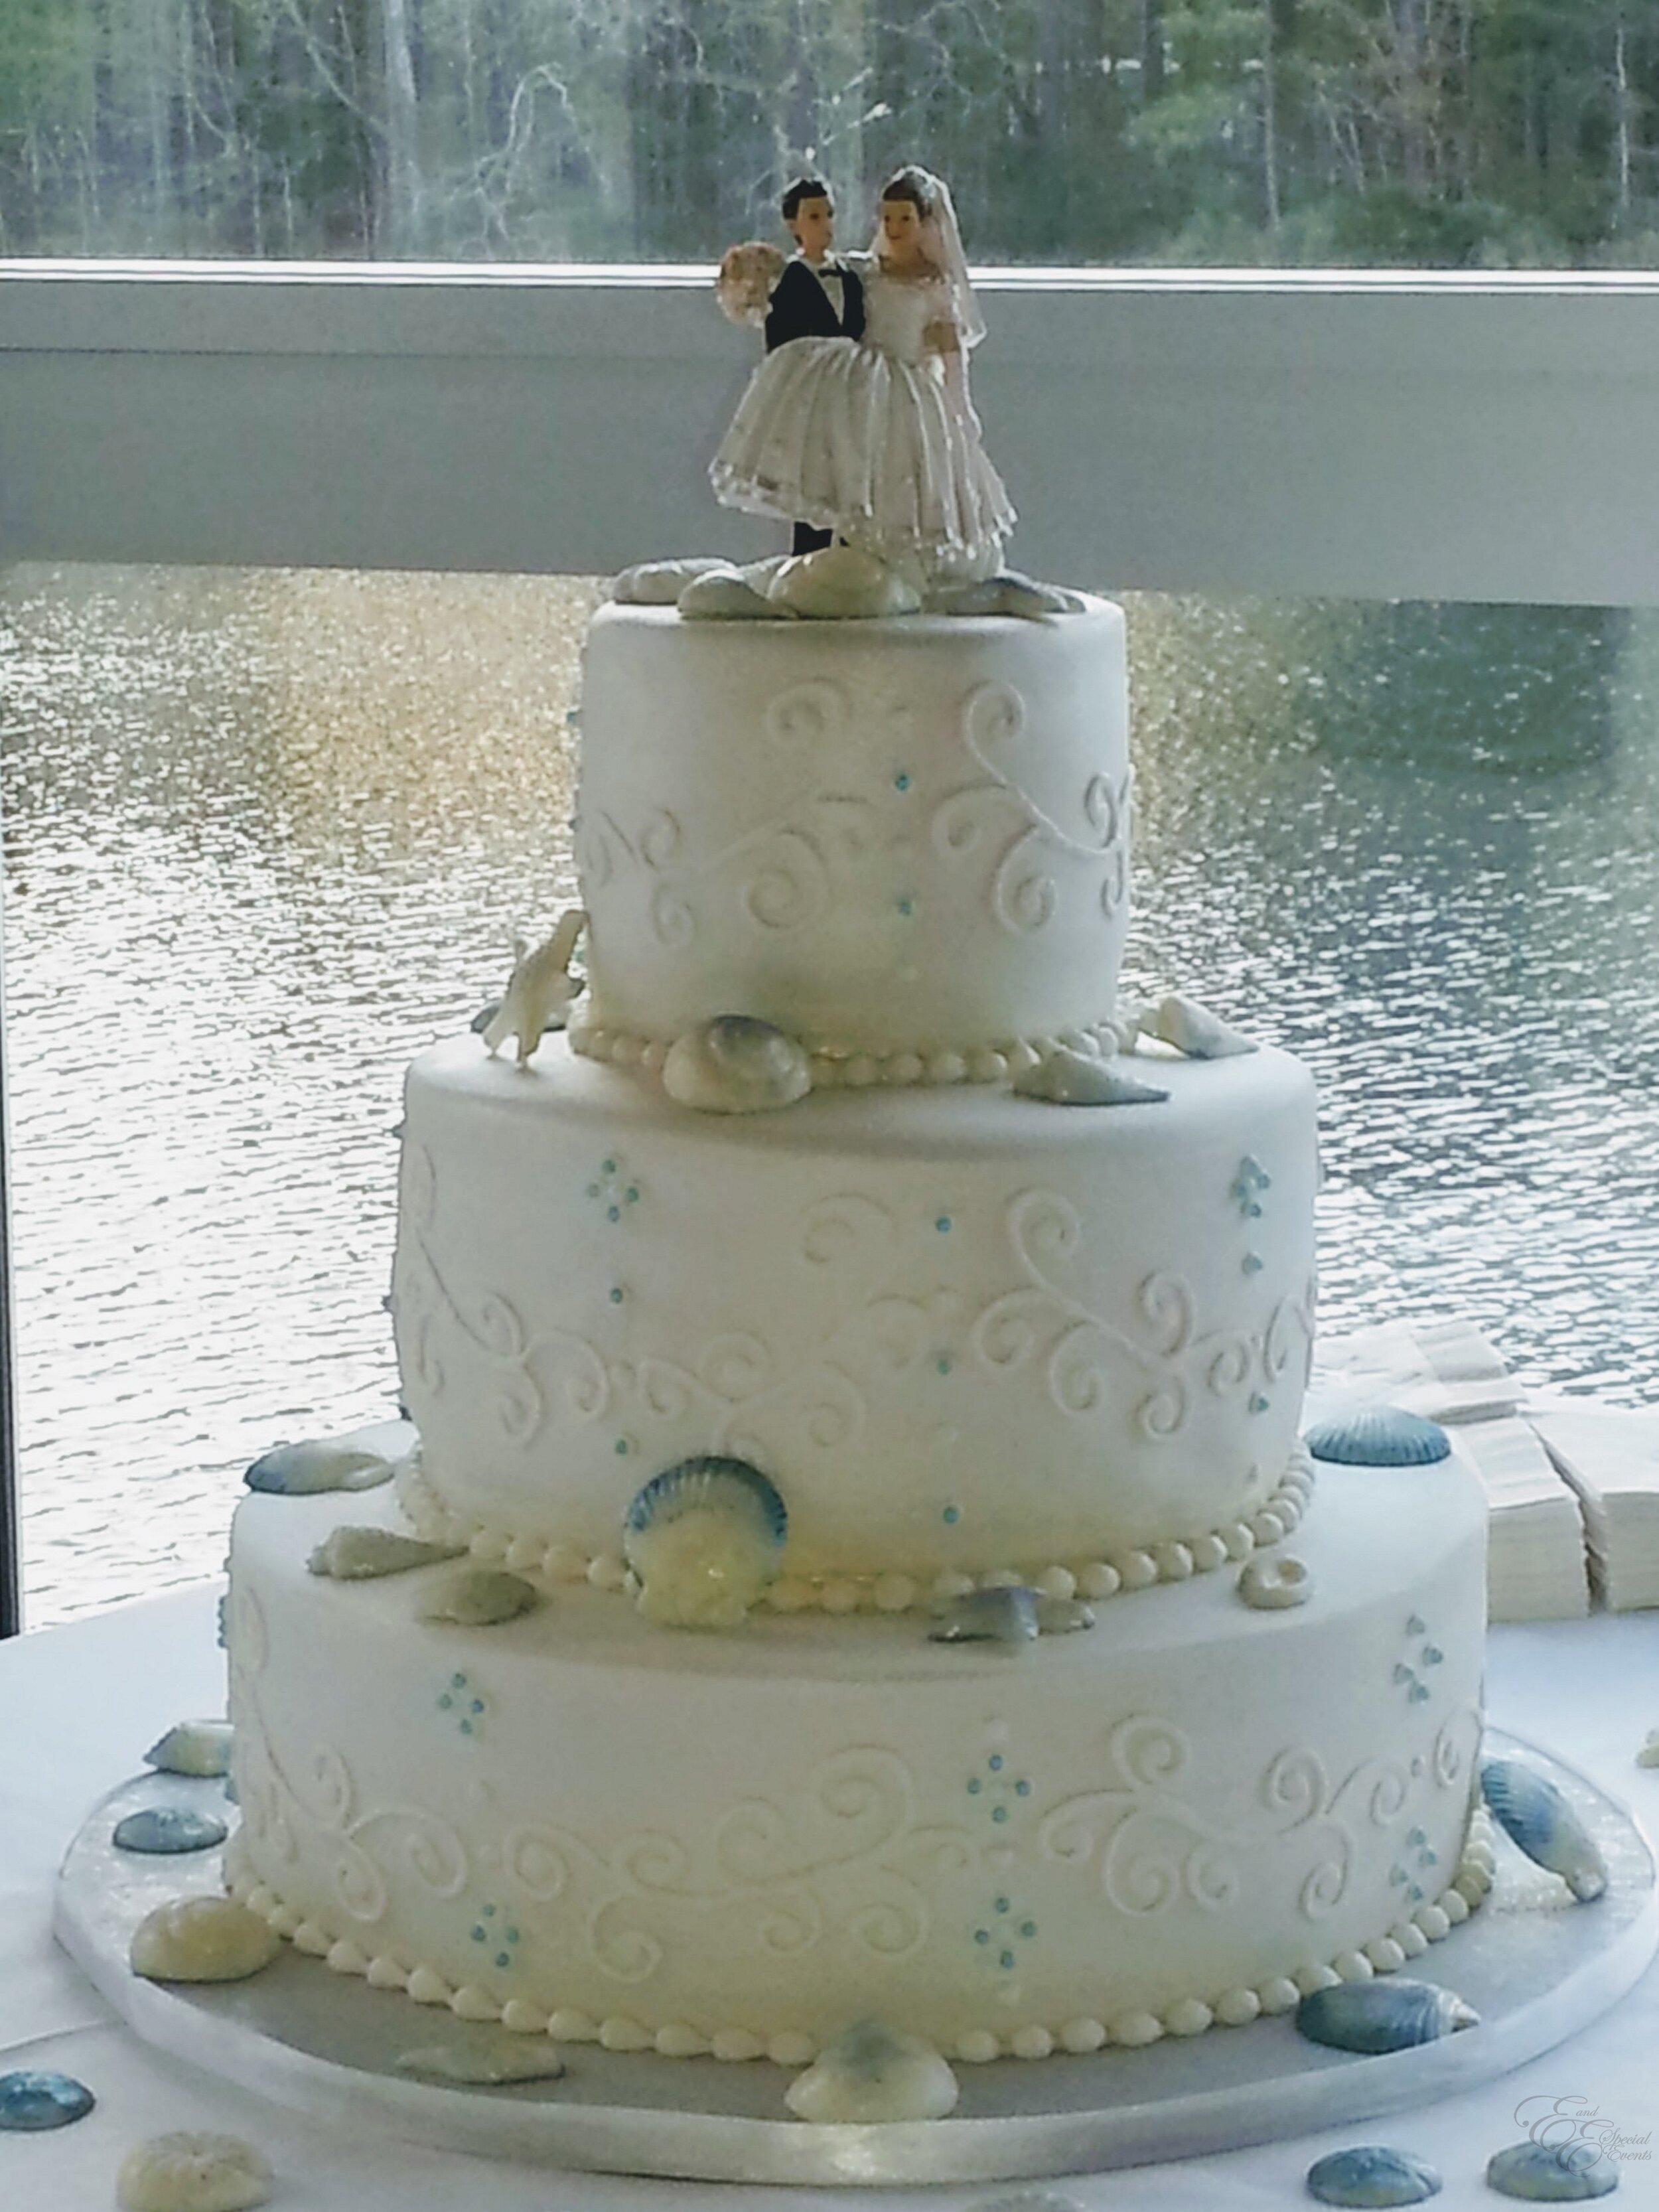 wedding_cakes_E_and_E_Special_Events_virginia_beach_5.jpg